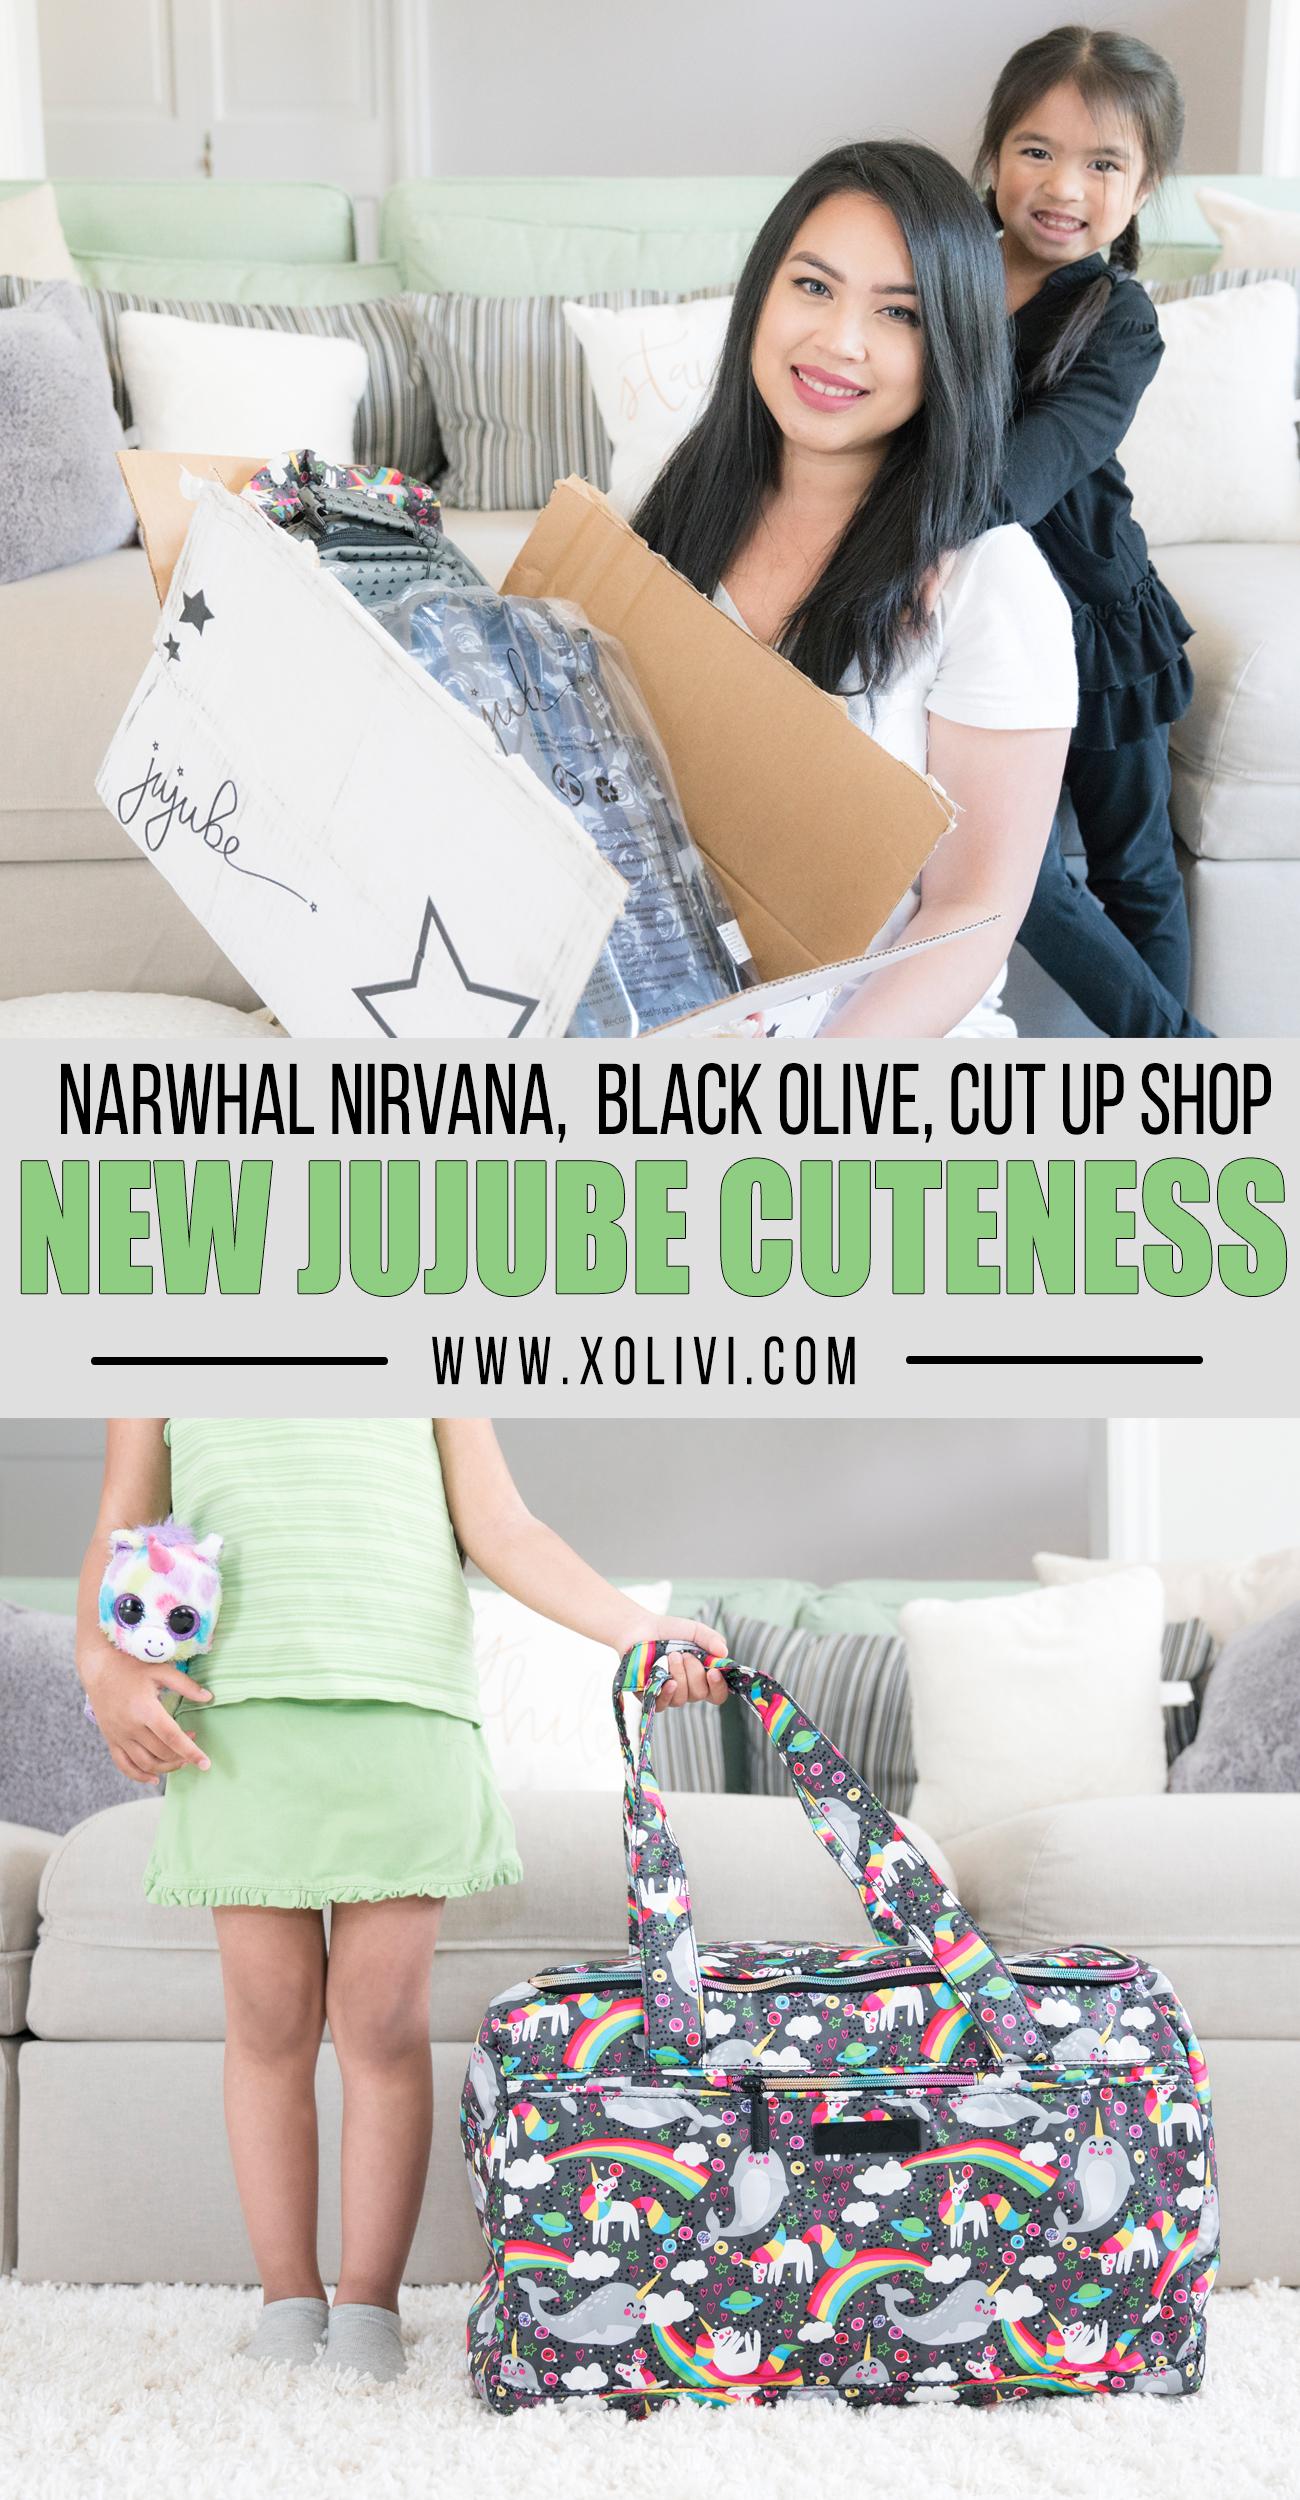 Jujube Narwhal Nirvana Black Olive